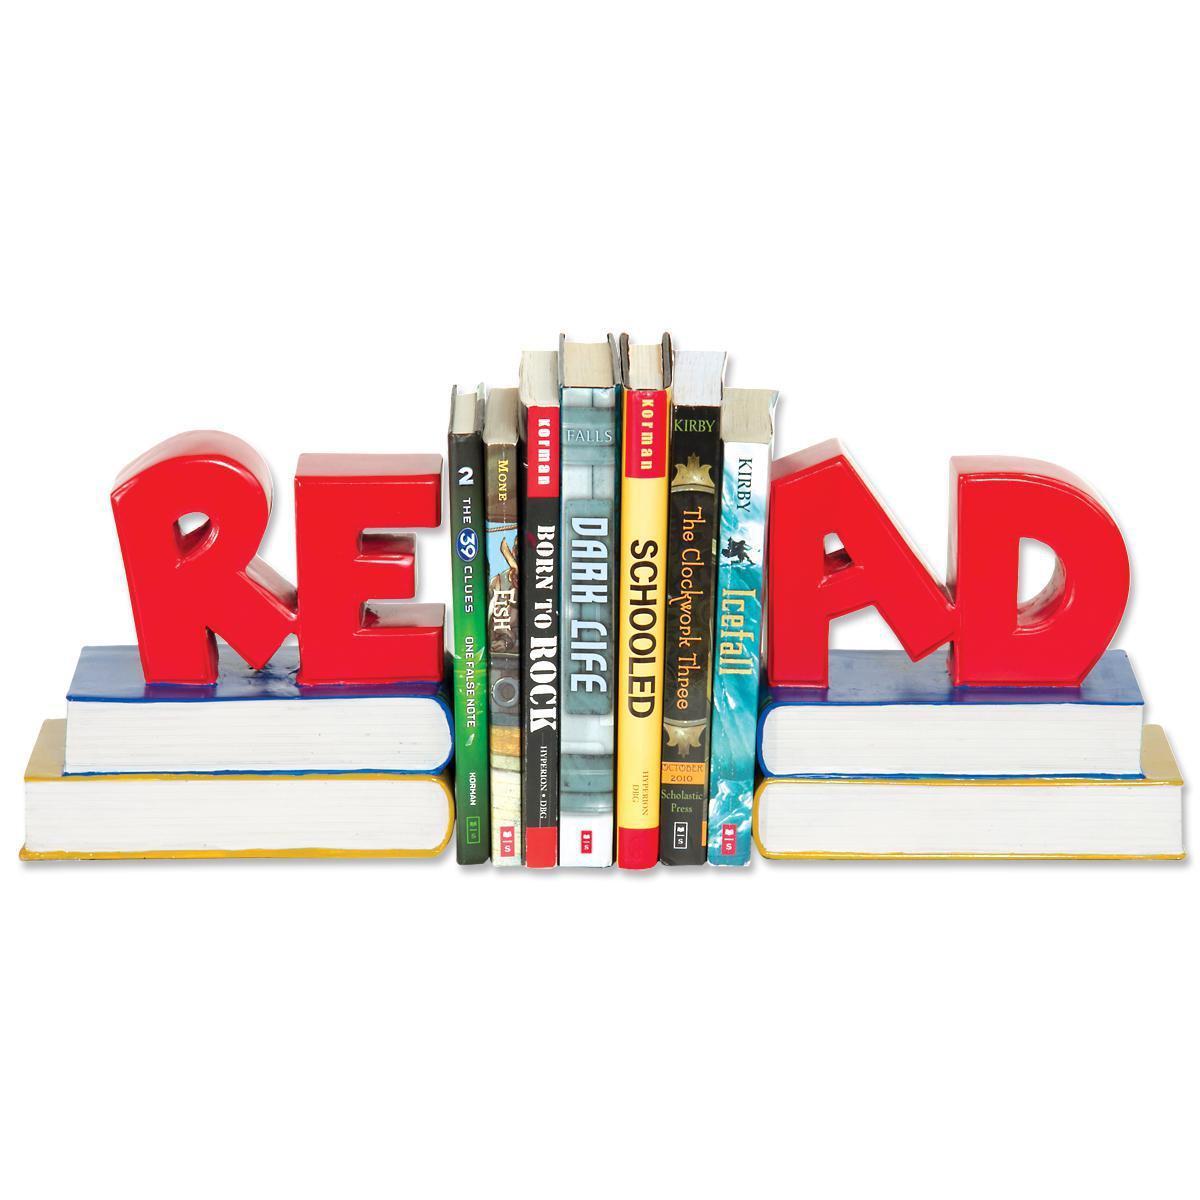 Serre-livres READ